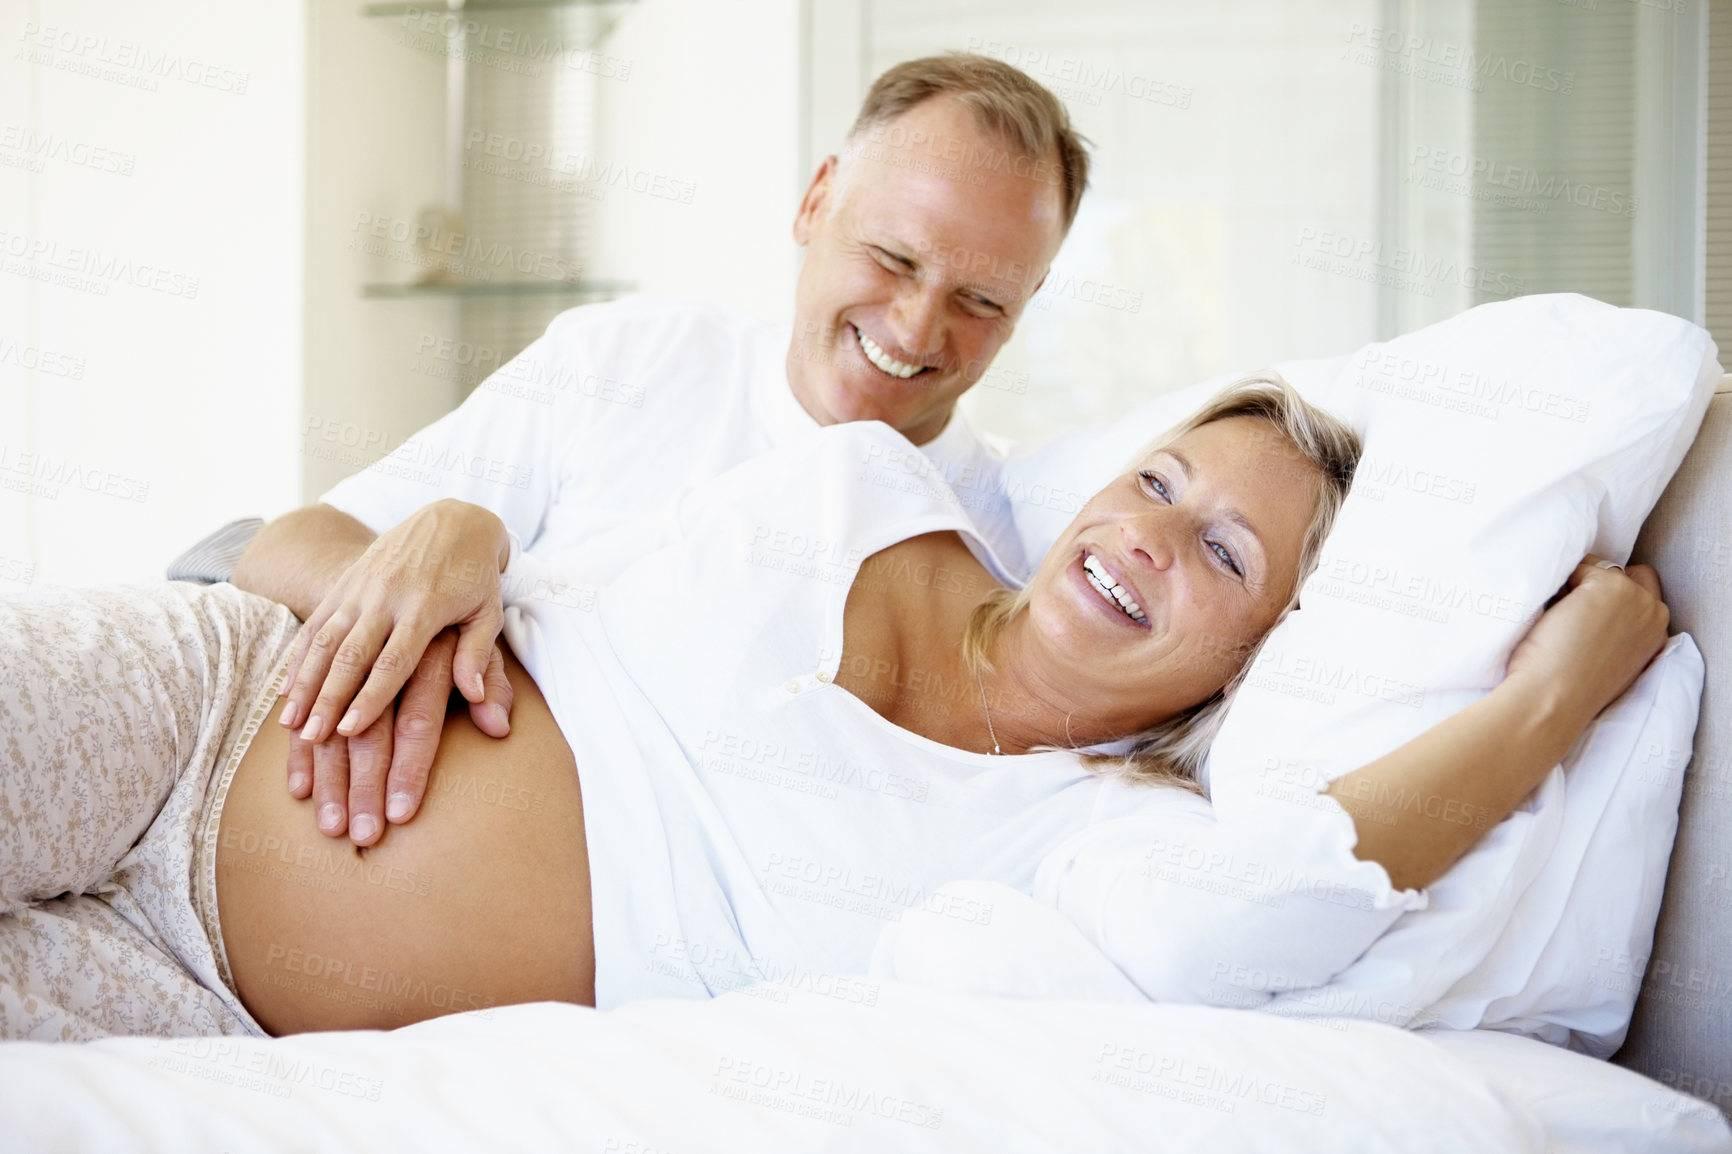 ЭКО после 40 лет: какова гарантия родить здорового ребенка, есть ли риски?